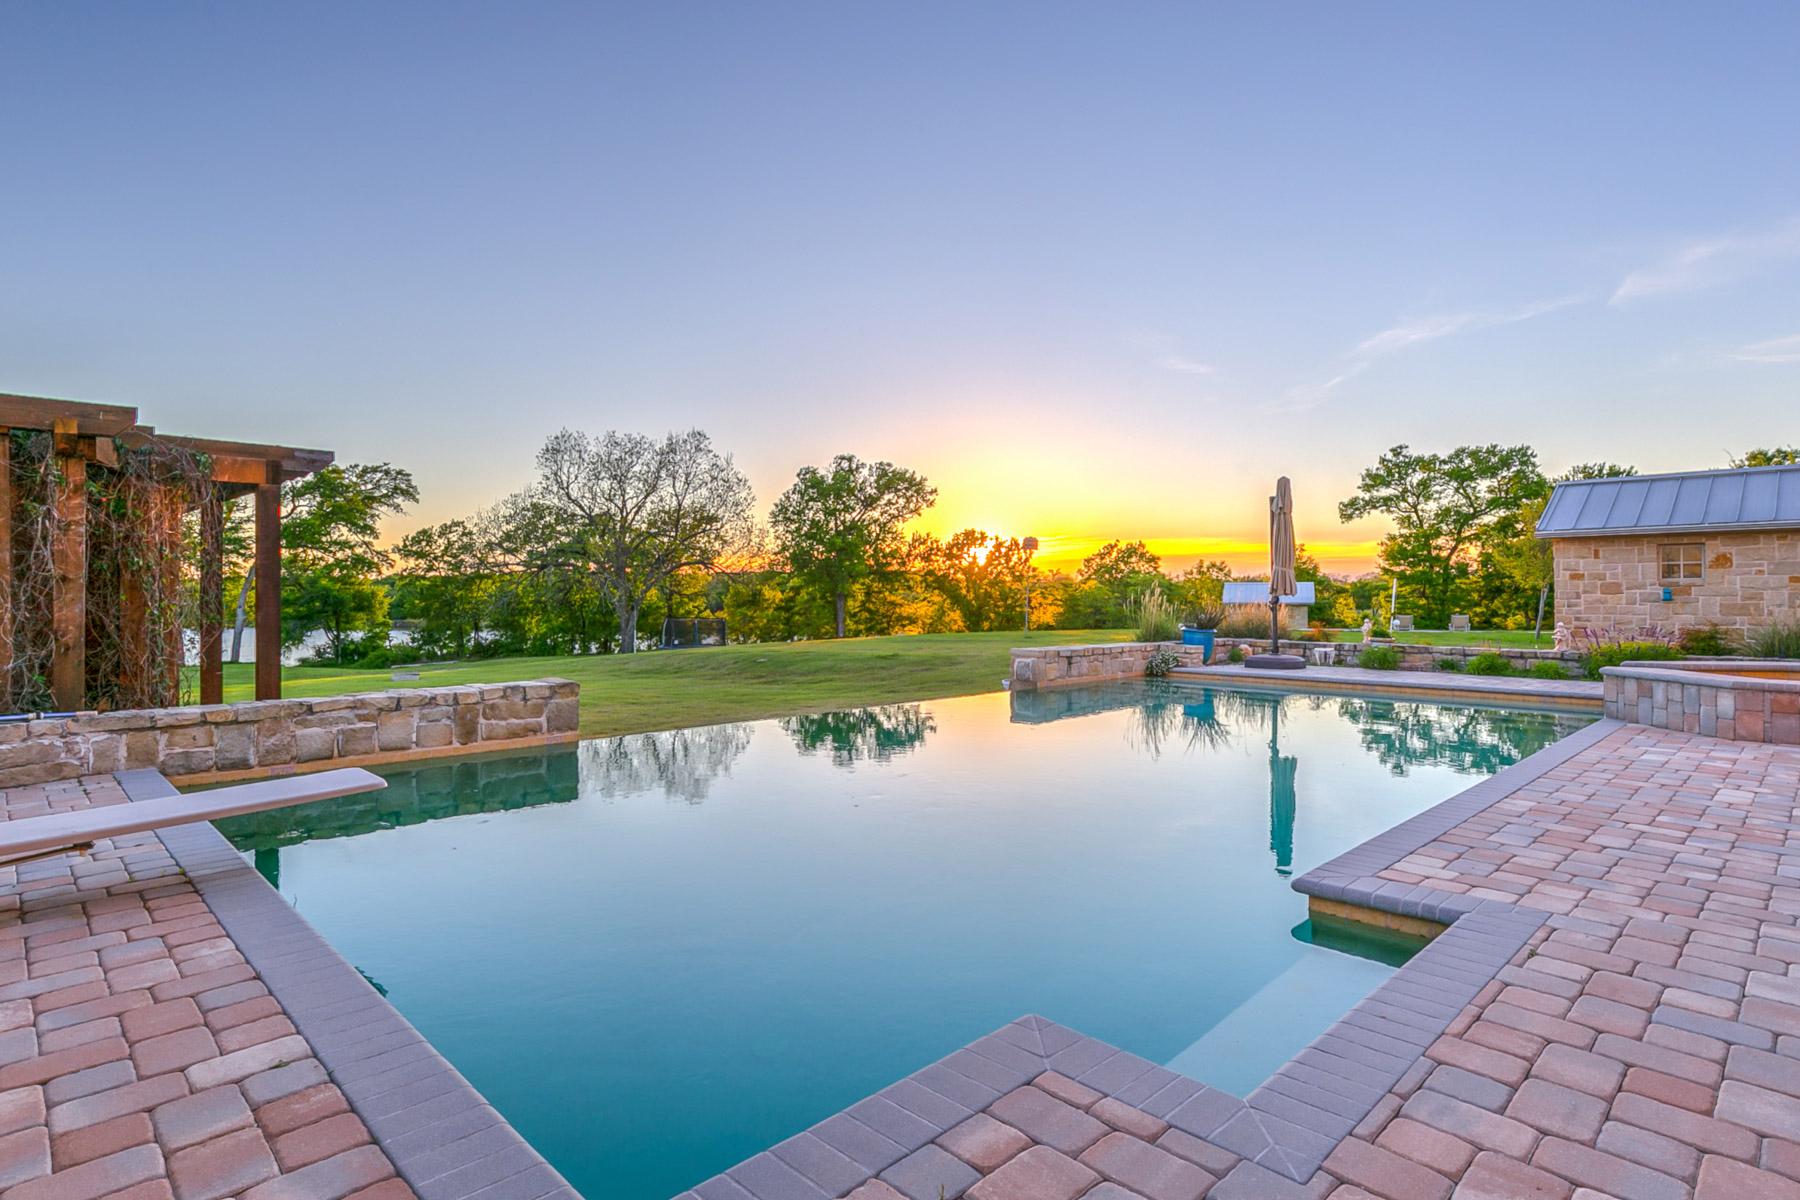 Casa Unifamiliar por un Venta en Silverado on the Brazos 2411 Cactus Rio Ln Weatherford, Texas 76087 Estados Unidos